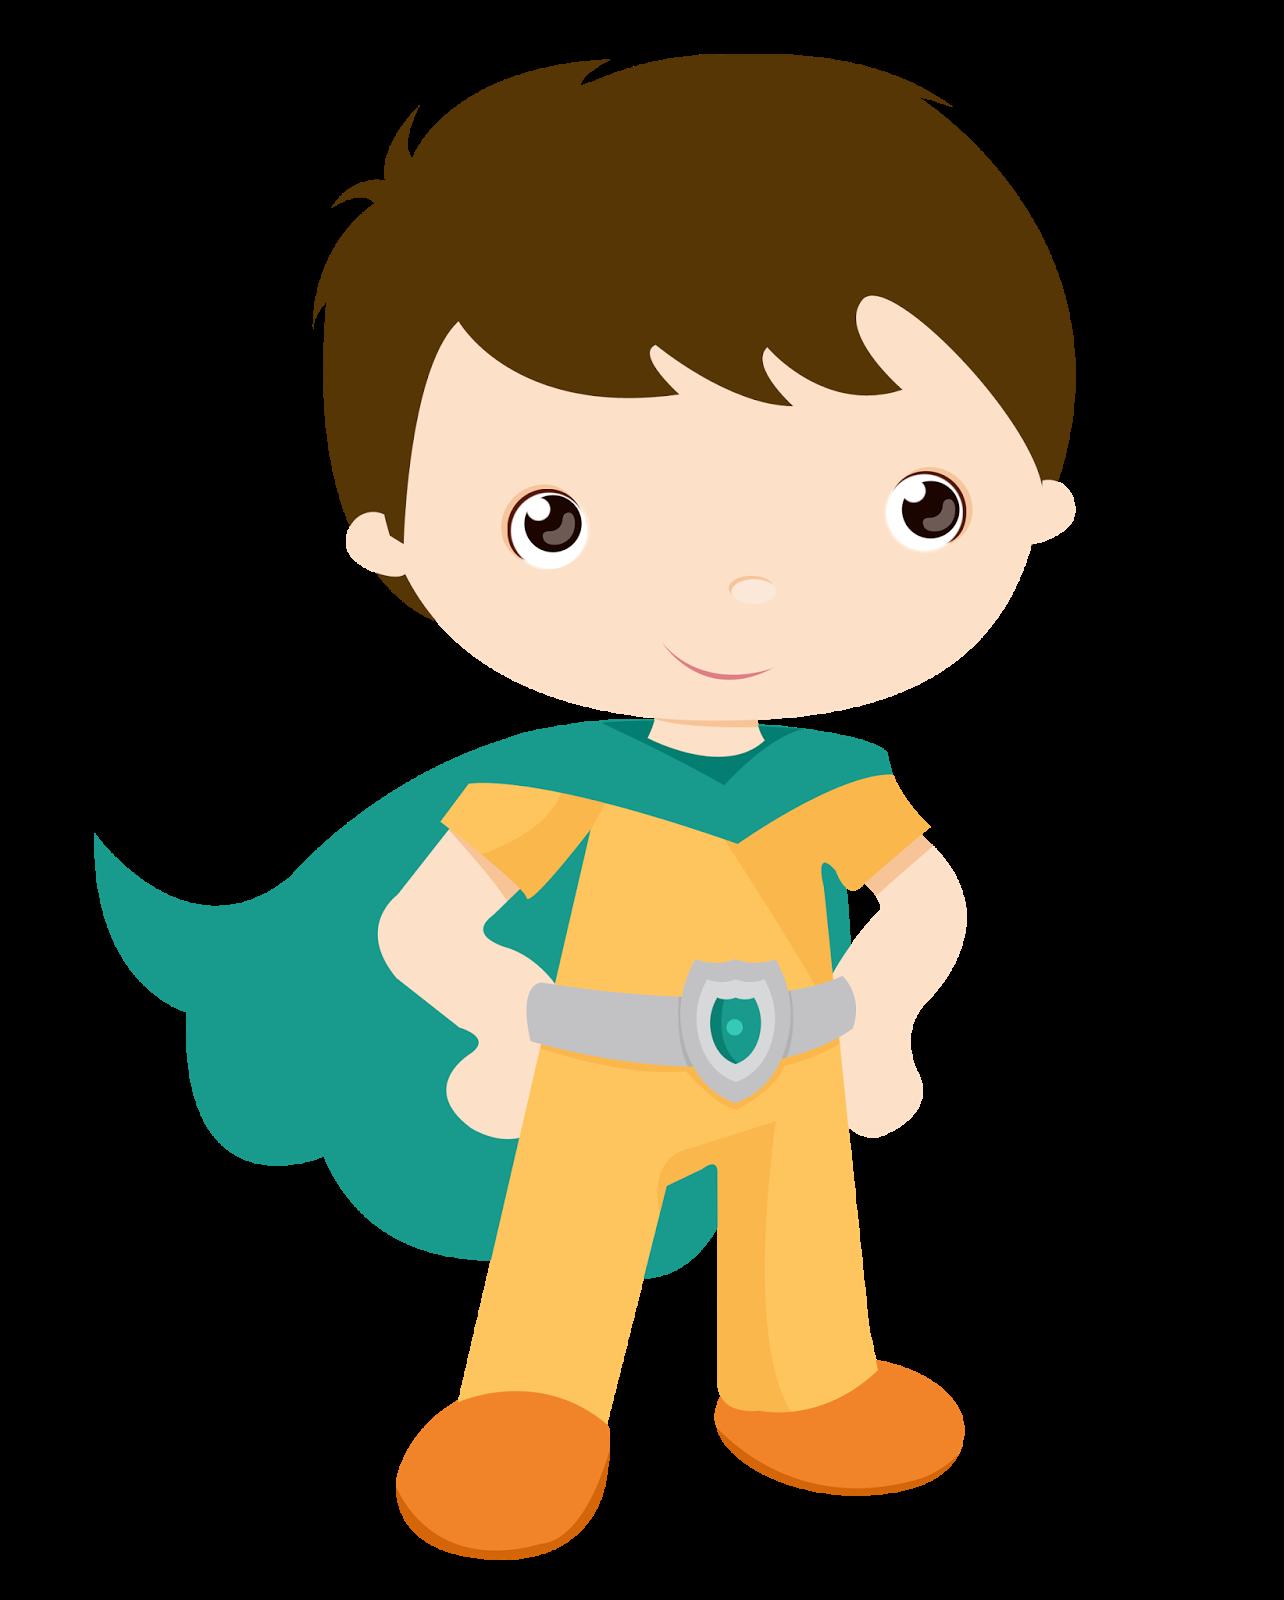 Clipart boy superhero. Kids dressed as superheroes